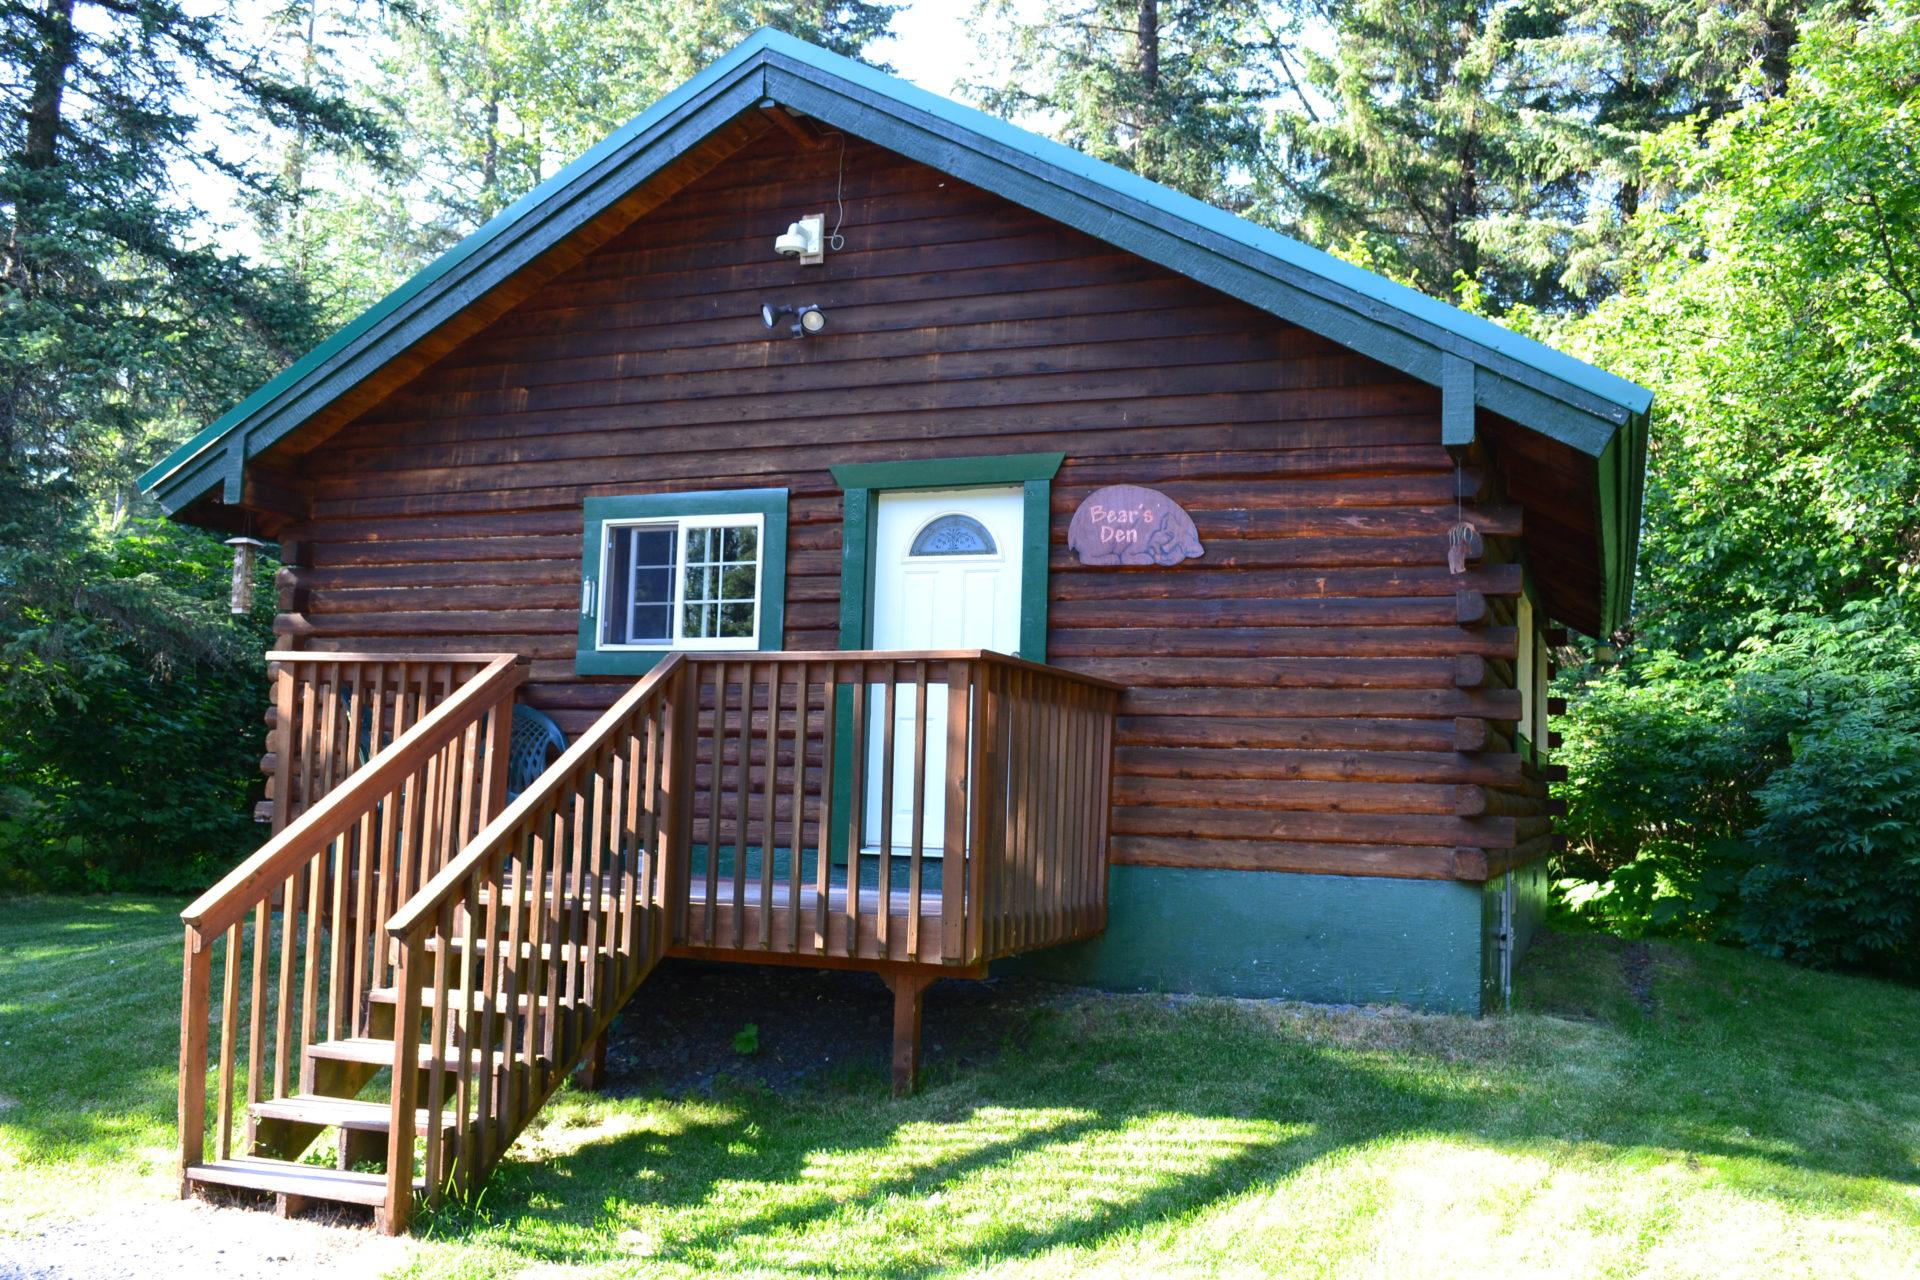 Bear's Den Cabin - Box Canyon Cabins